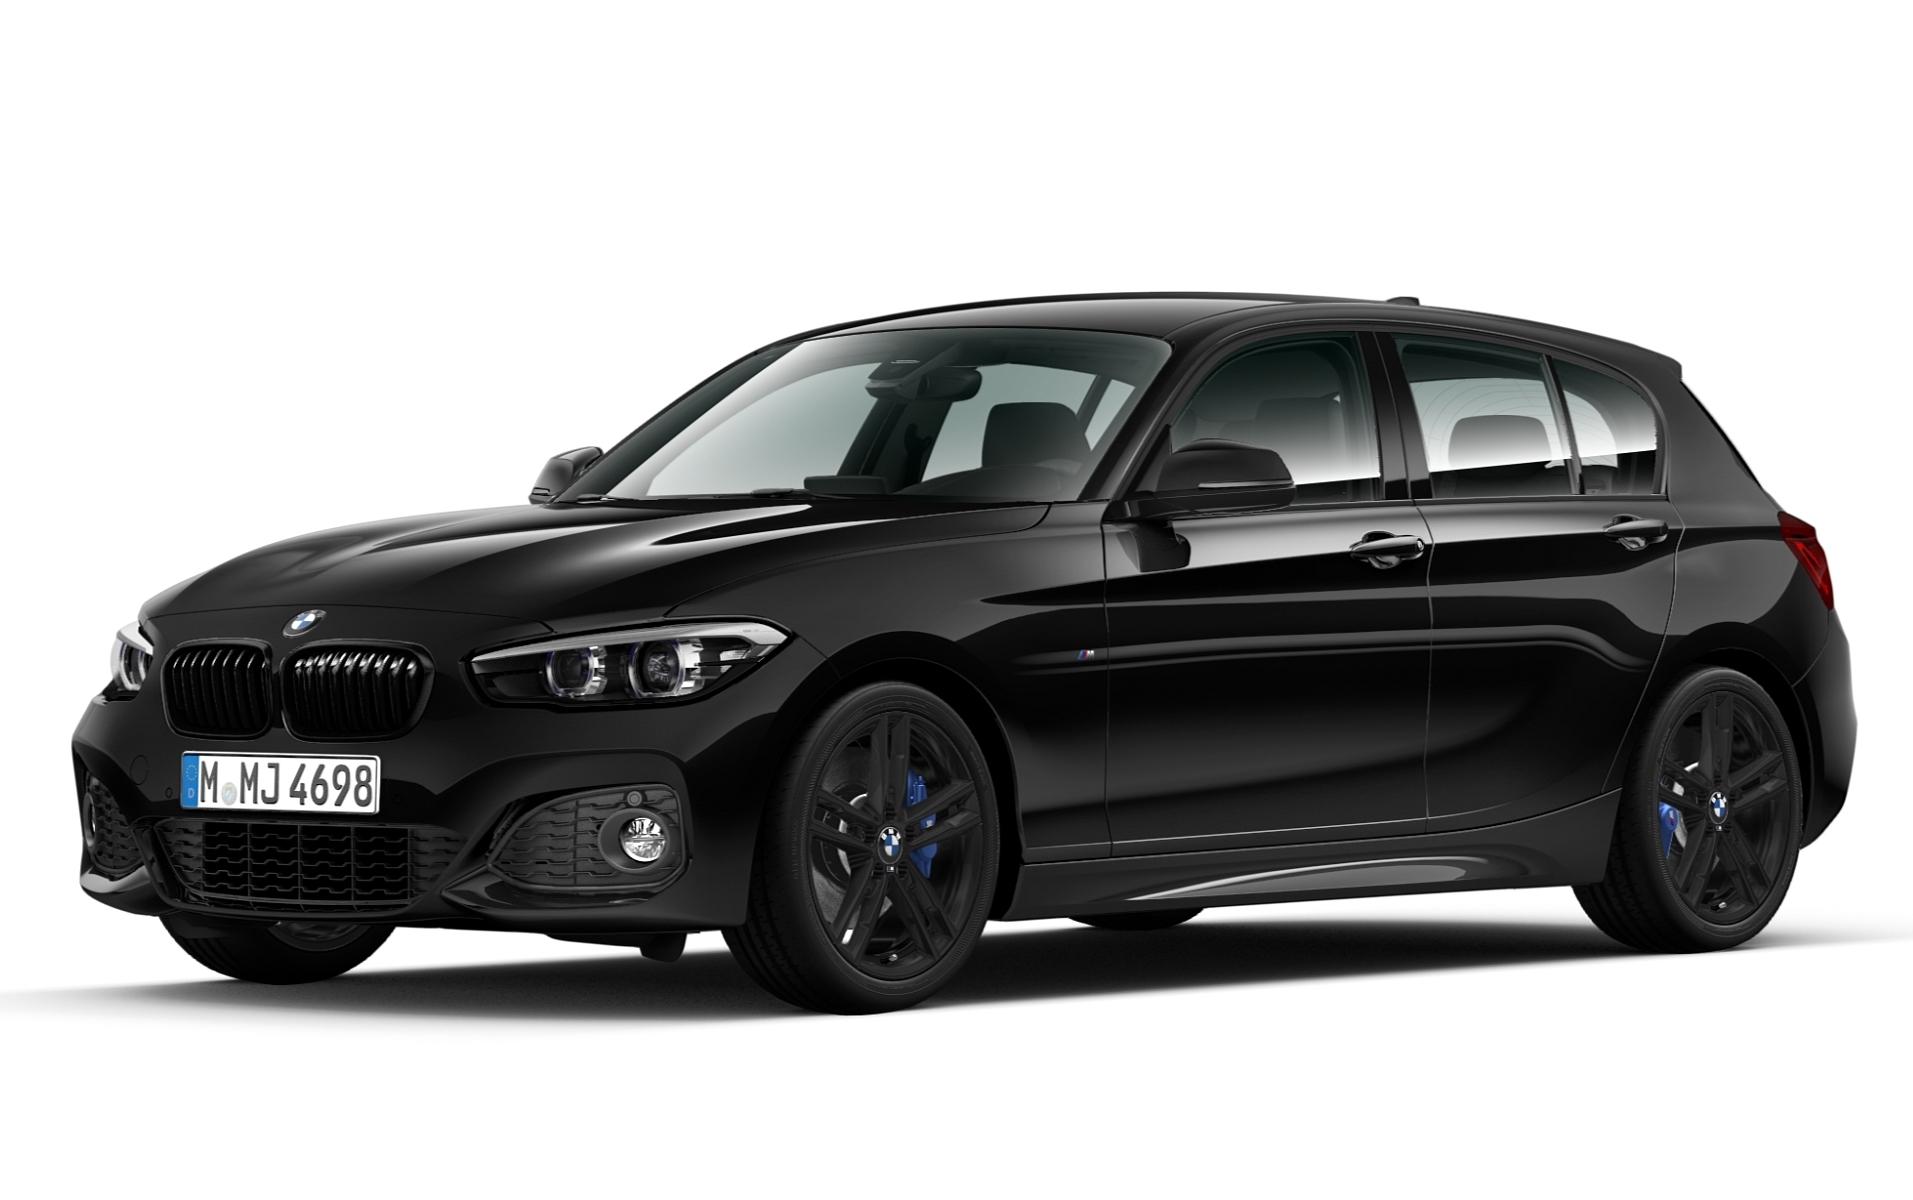 BMW 118i & 125i Shadow Edition now on sale in Australia